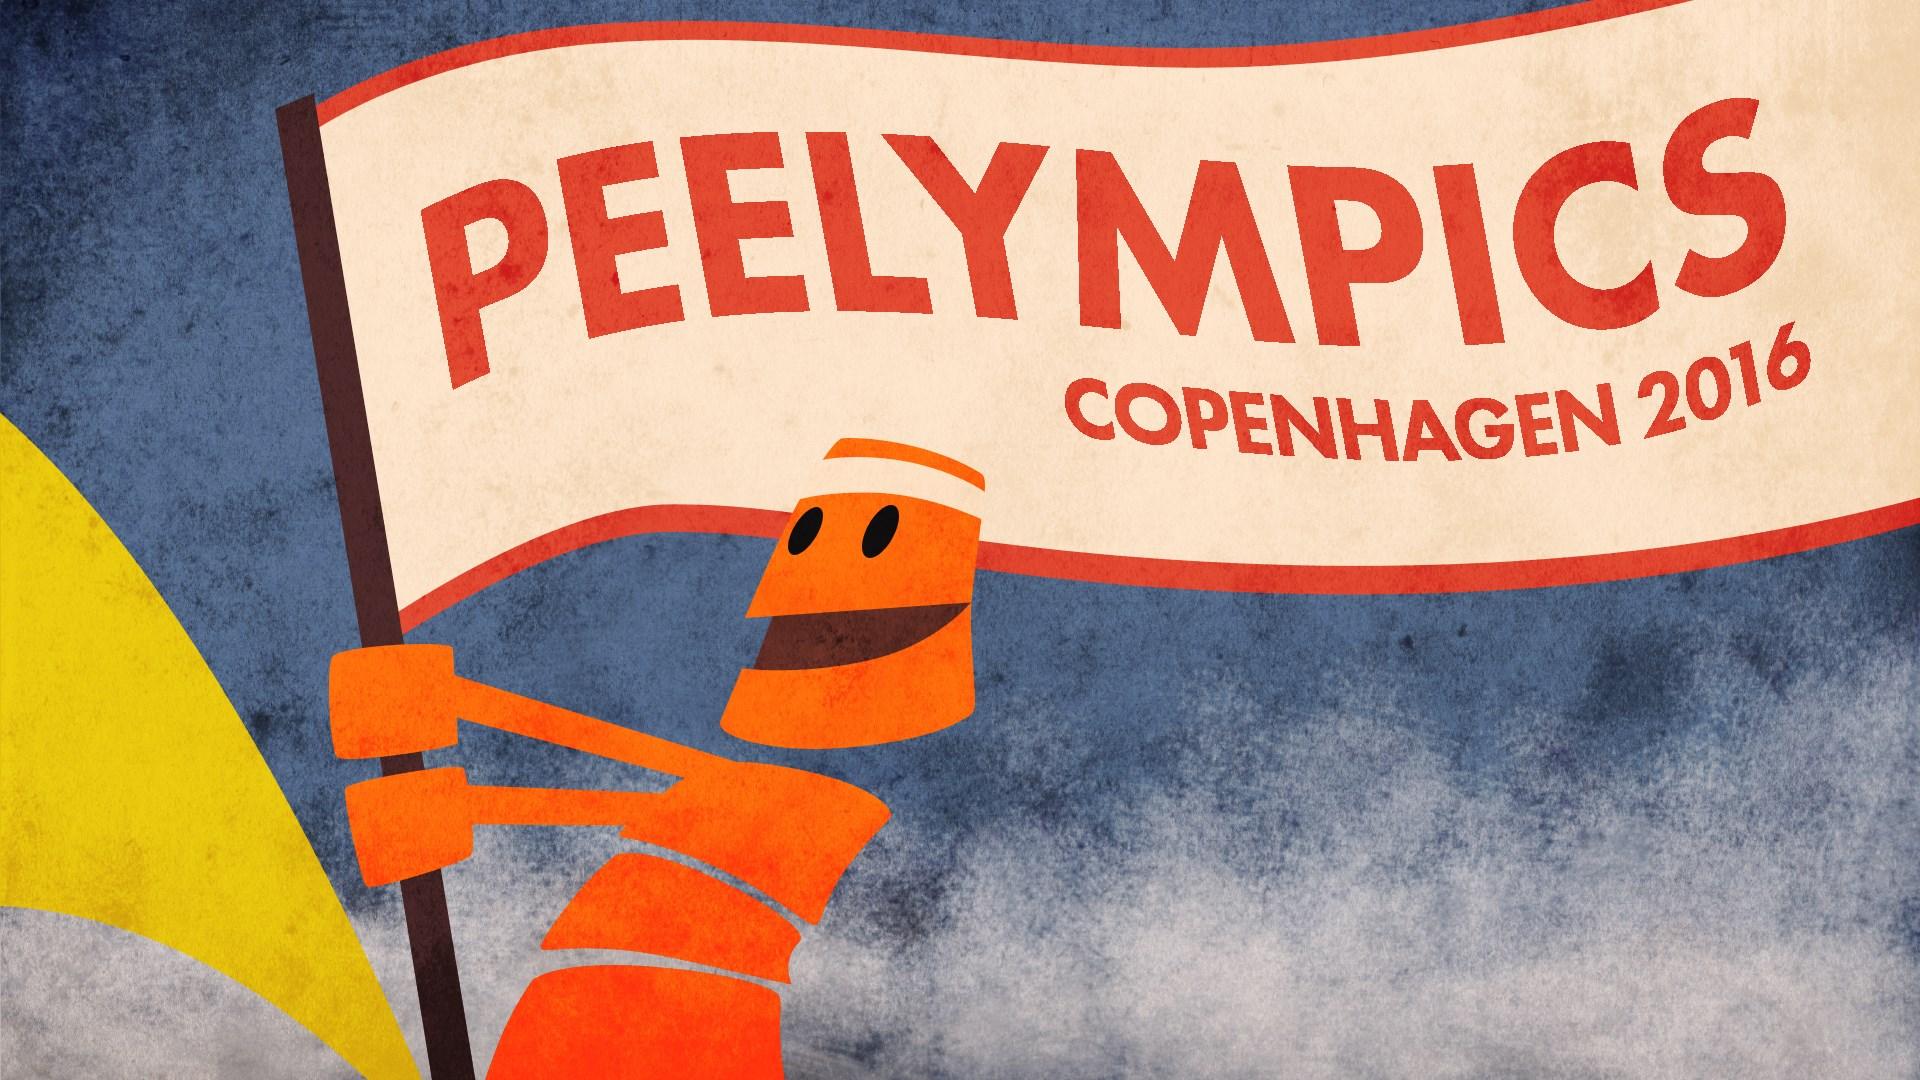 Peelympics